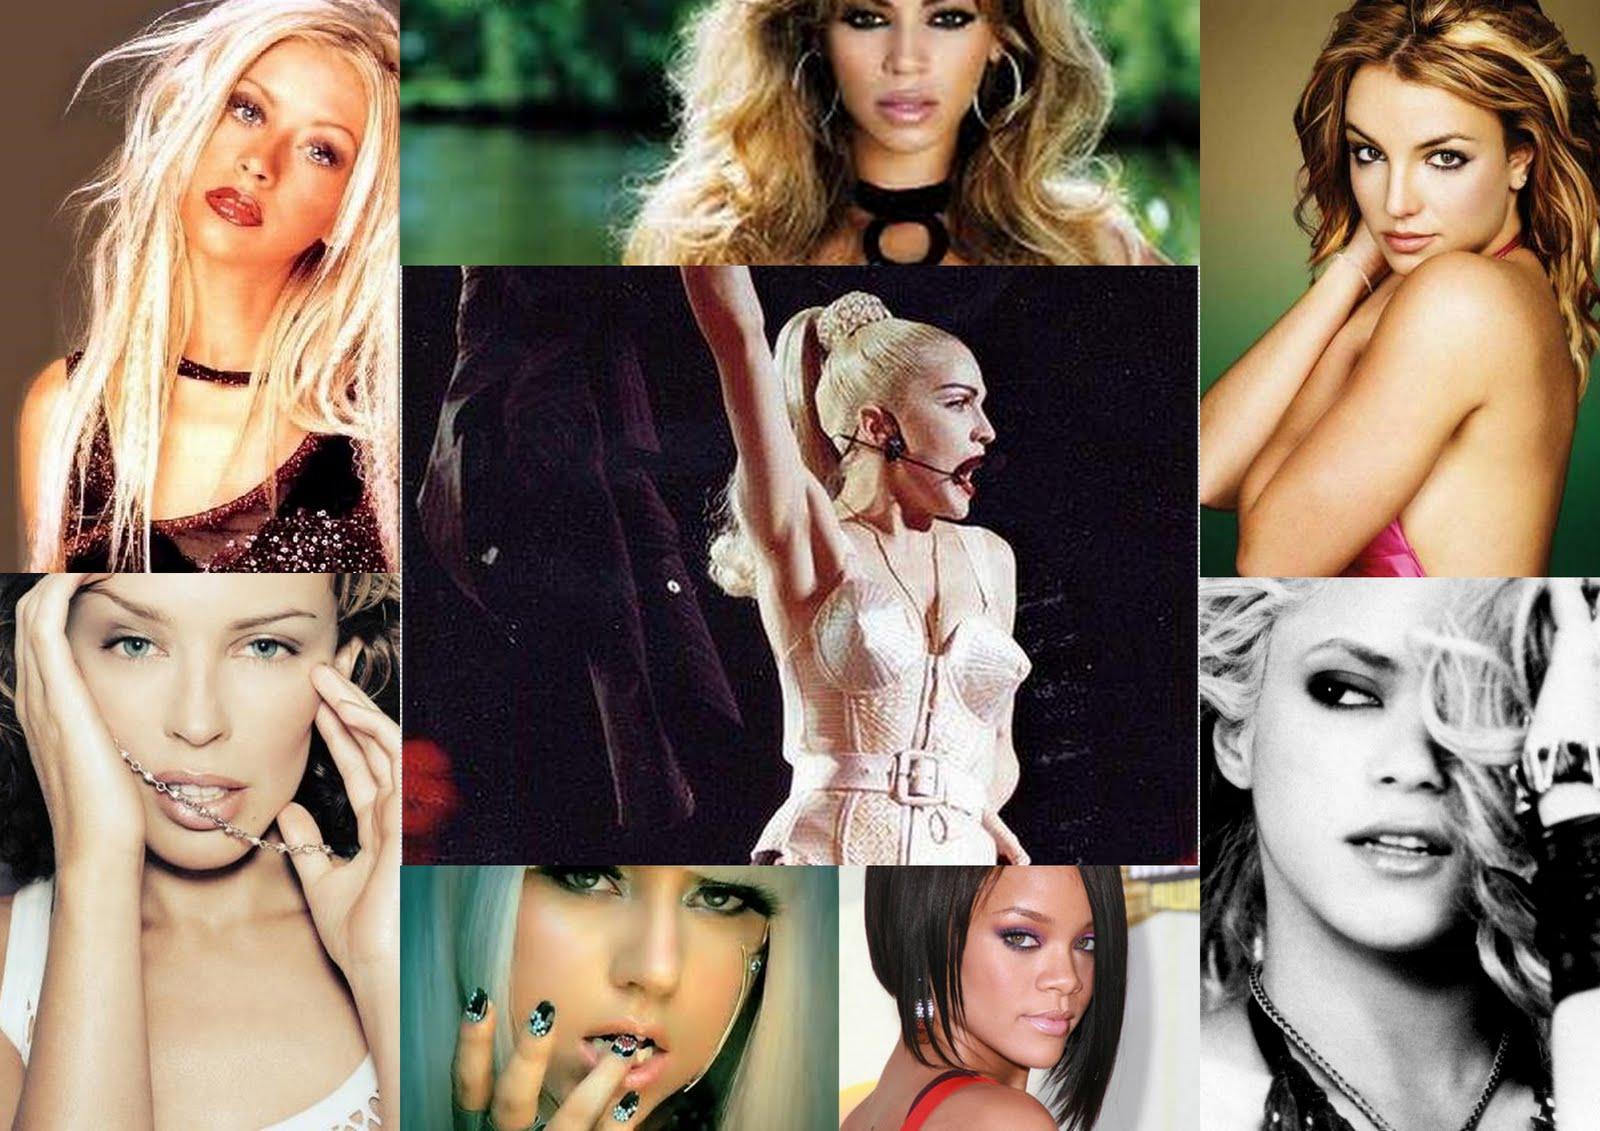 http://1.bp.blogspot.com/_uppBcPZcTUA/TKzfa4CnkiI/AAAAAAAAApw/Iraf81t1gic/s1600/Fotos+Madonna+2009.jpg